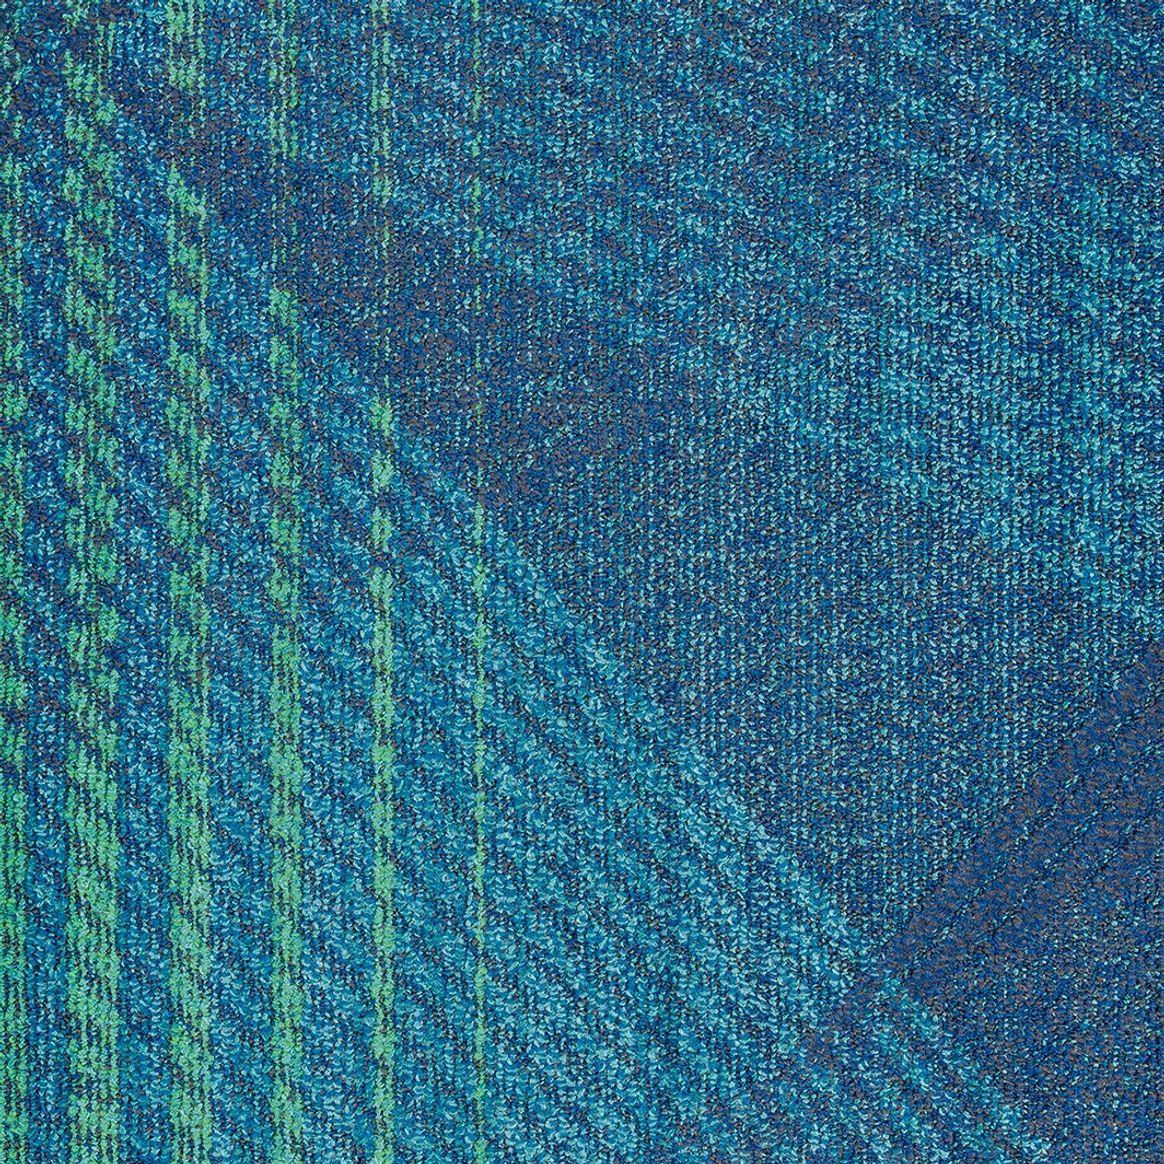 Prism thumbnail